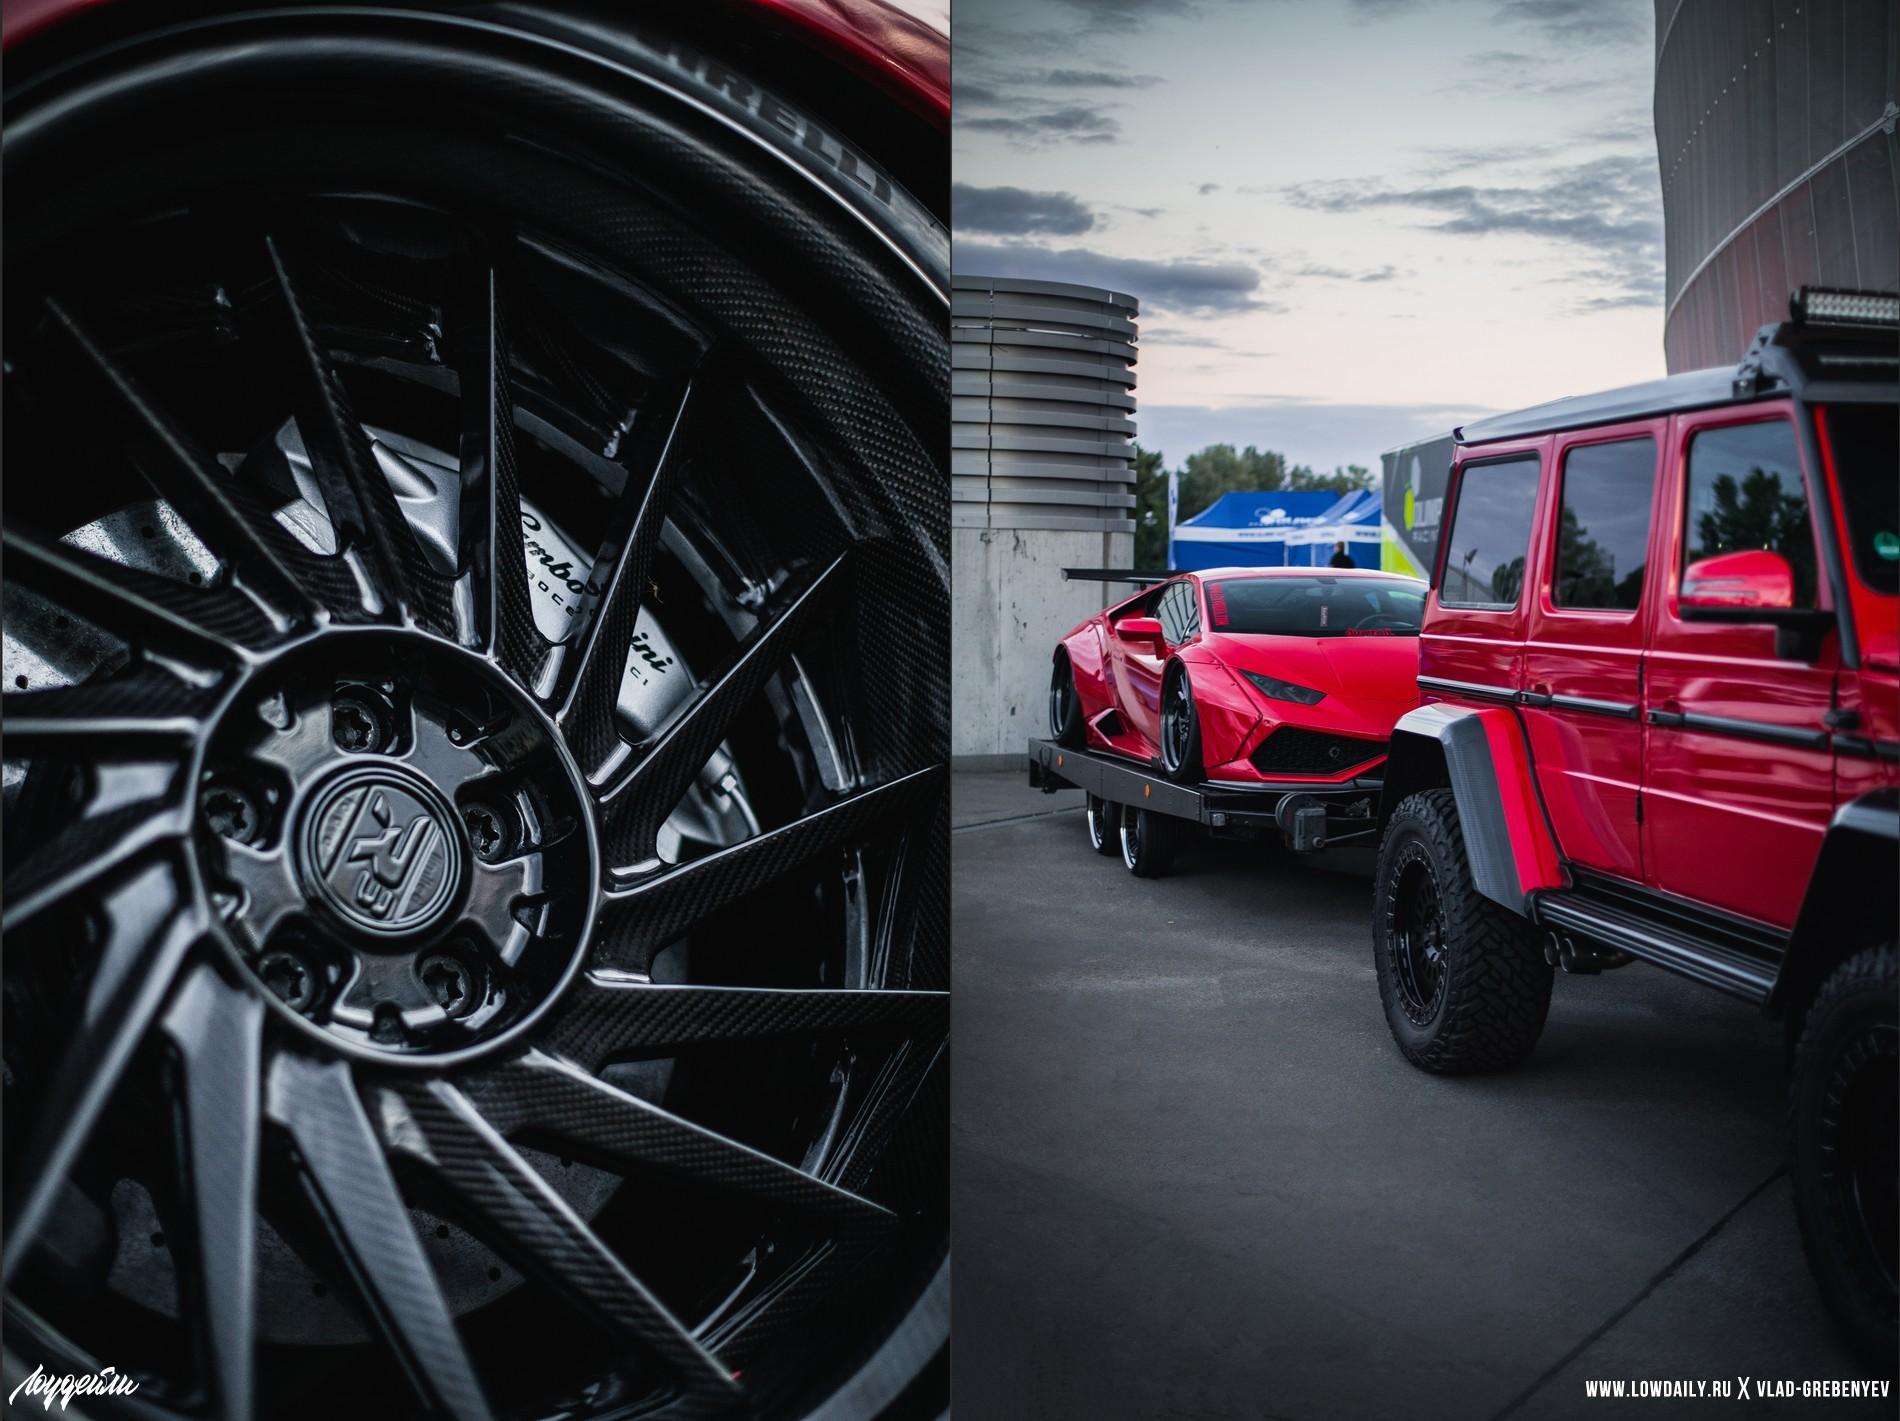 Co zrobić, by Lamborghini Huracan za 1,2 mln złotych było jeszcze lepsze? - MrGentleman.pl